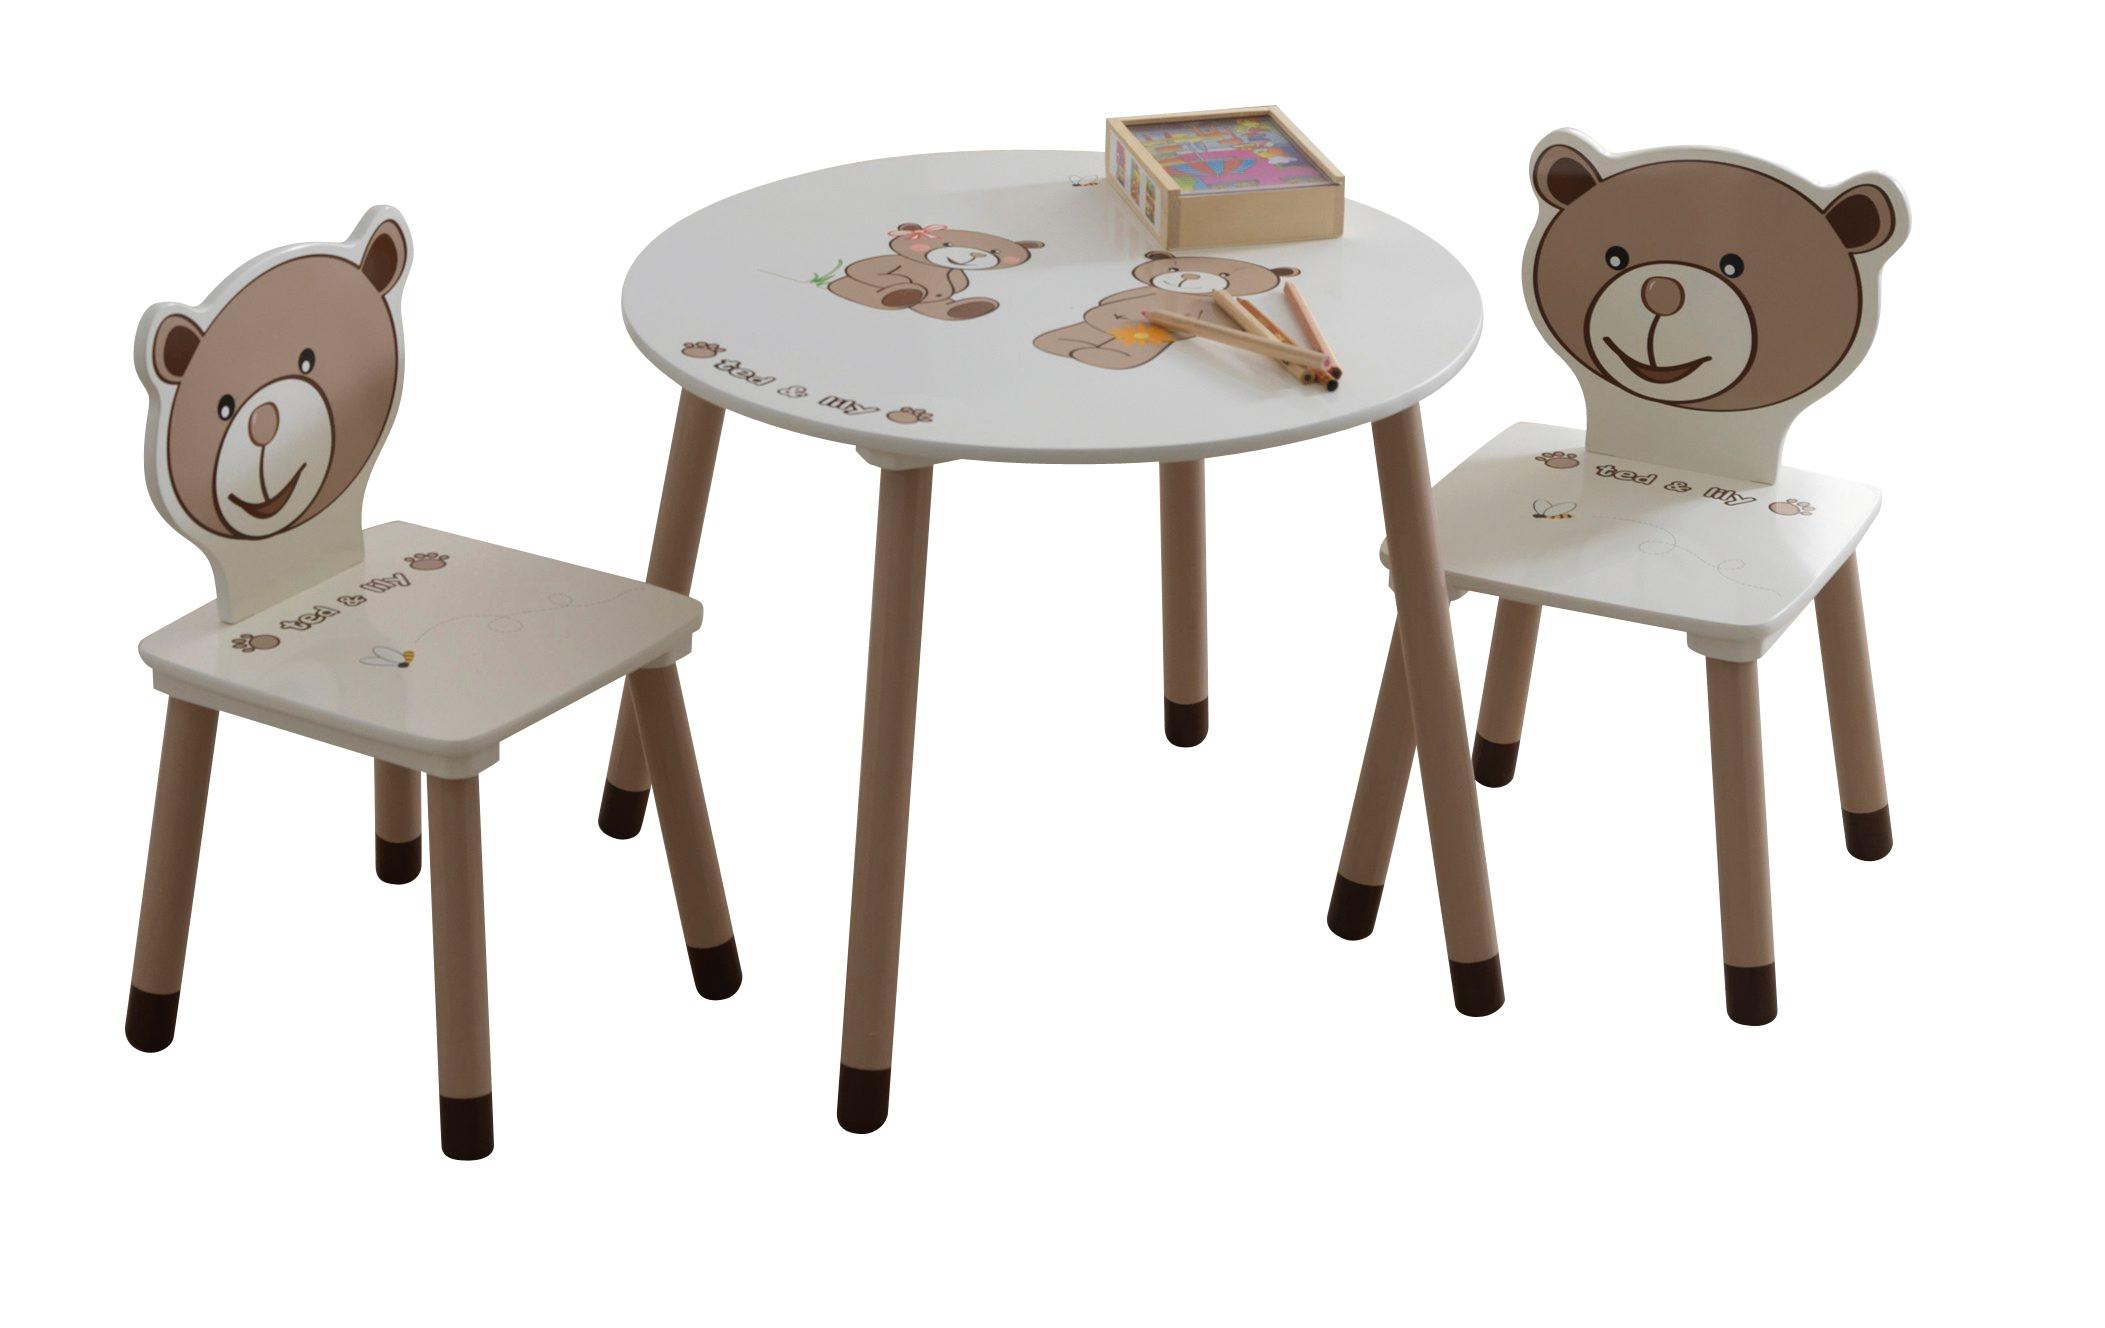 Chaise enfant tedly blanc et beige petits meubles but for Table avec chaise enfant